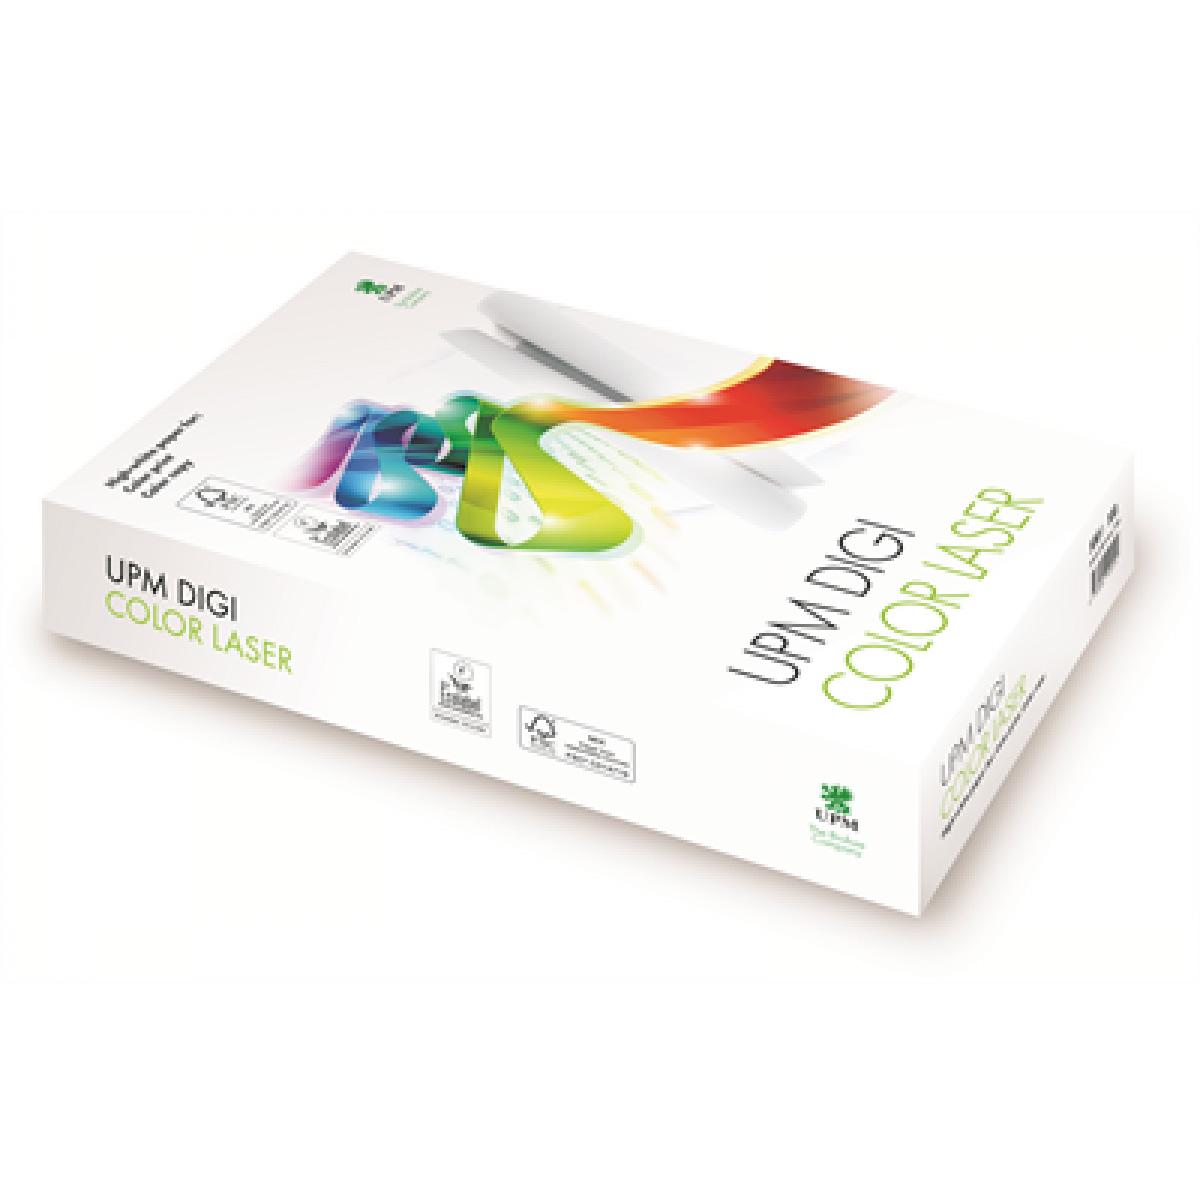 Бумага Digi Color Laser A4 160гр./м2., 250листов UPM - фото 1